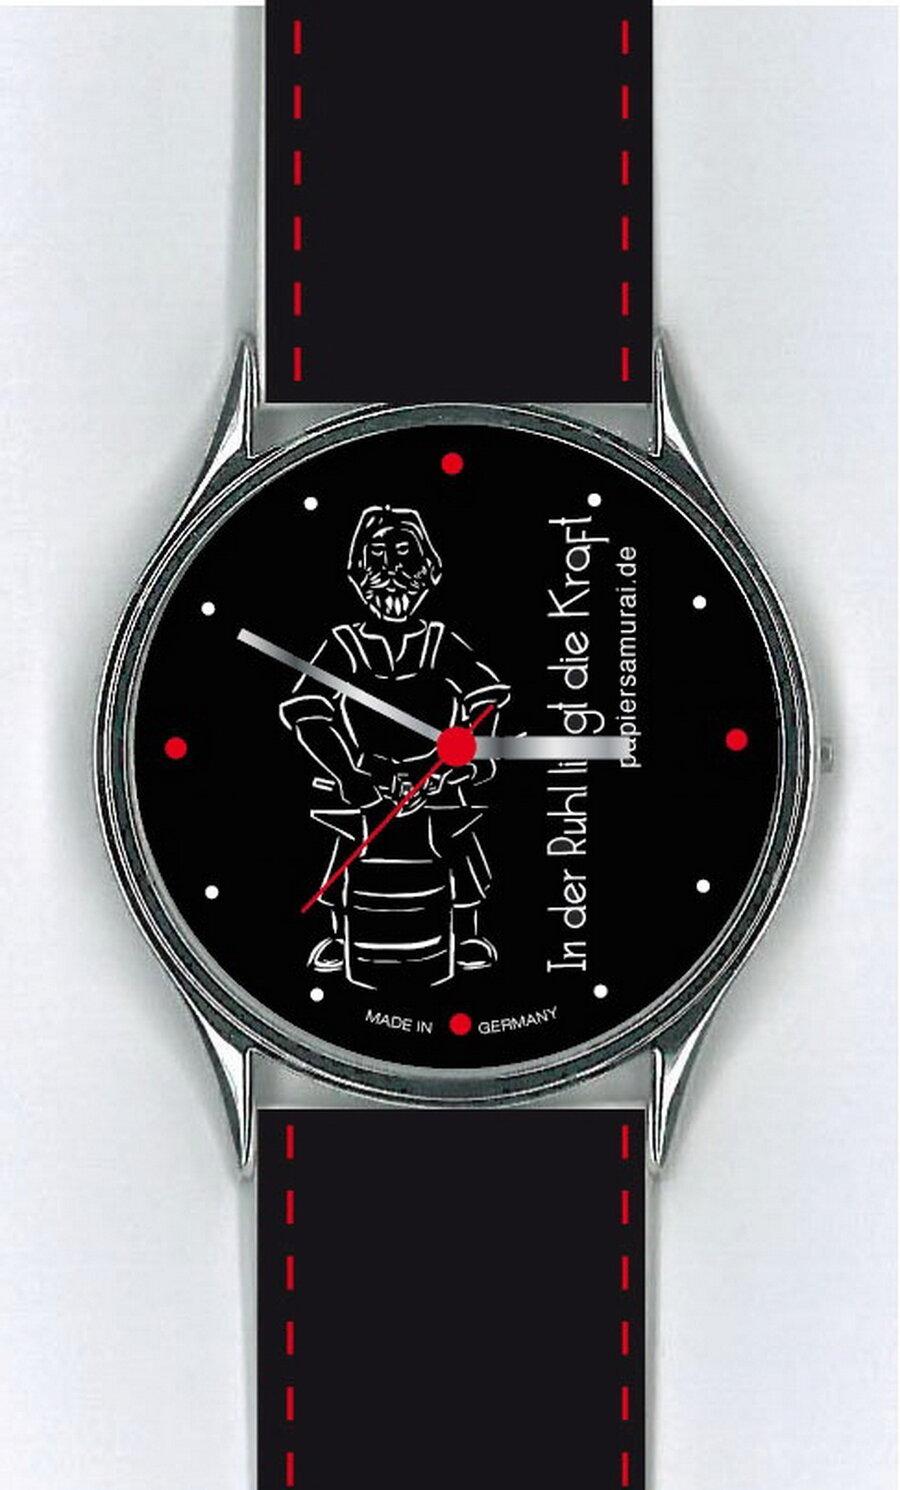 Ruhla-Uhr